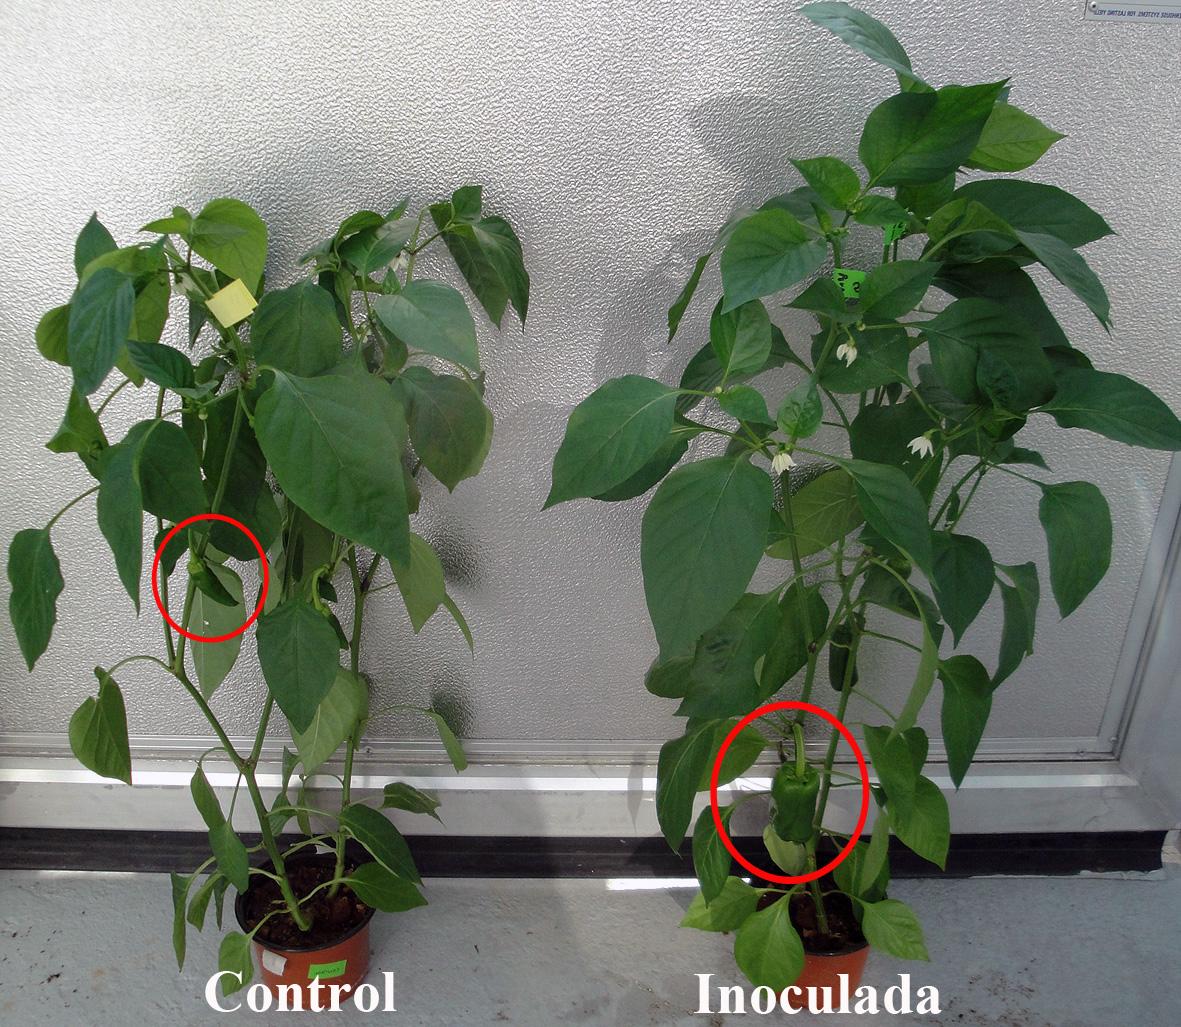 La planta inoculada con 39 rhizobium 39 crece m s y produce for Plantar pimientos y tomates